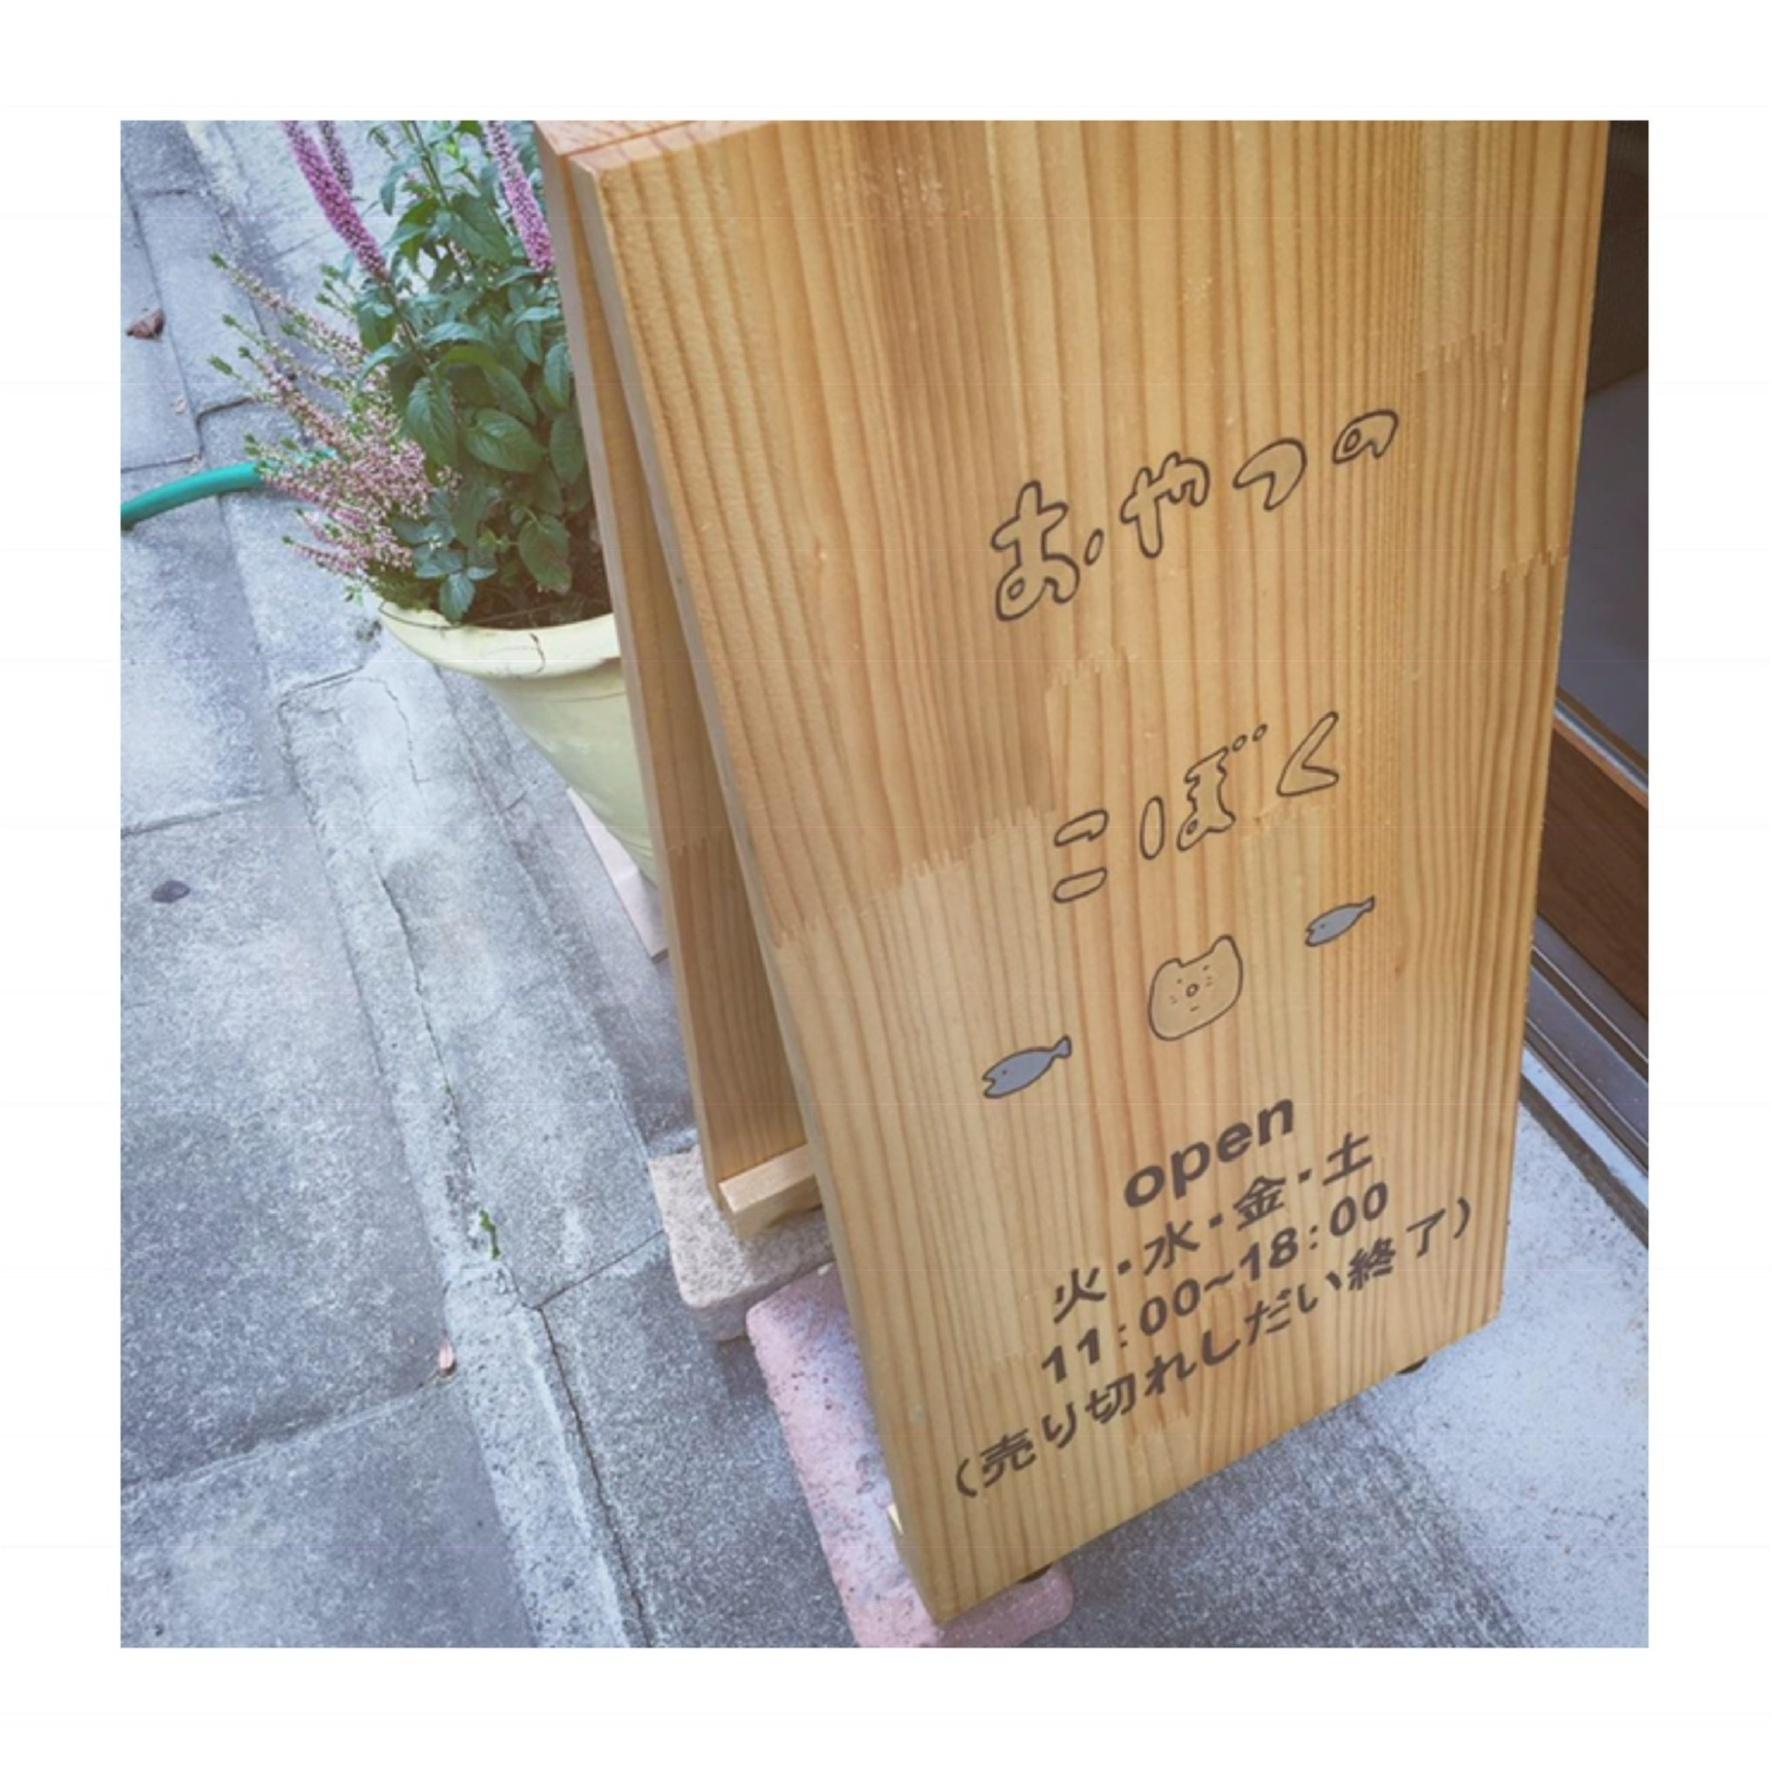 #17【#cafestagram】❤️:《東京•浜町》行列のできる大人気の素敵カフェ*『おやつのこぼく』☻_2